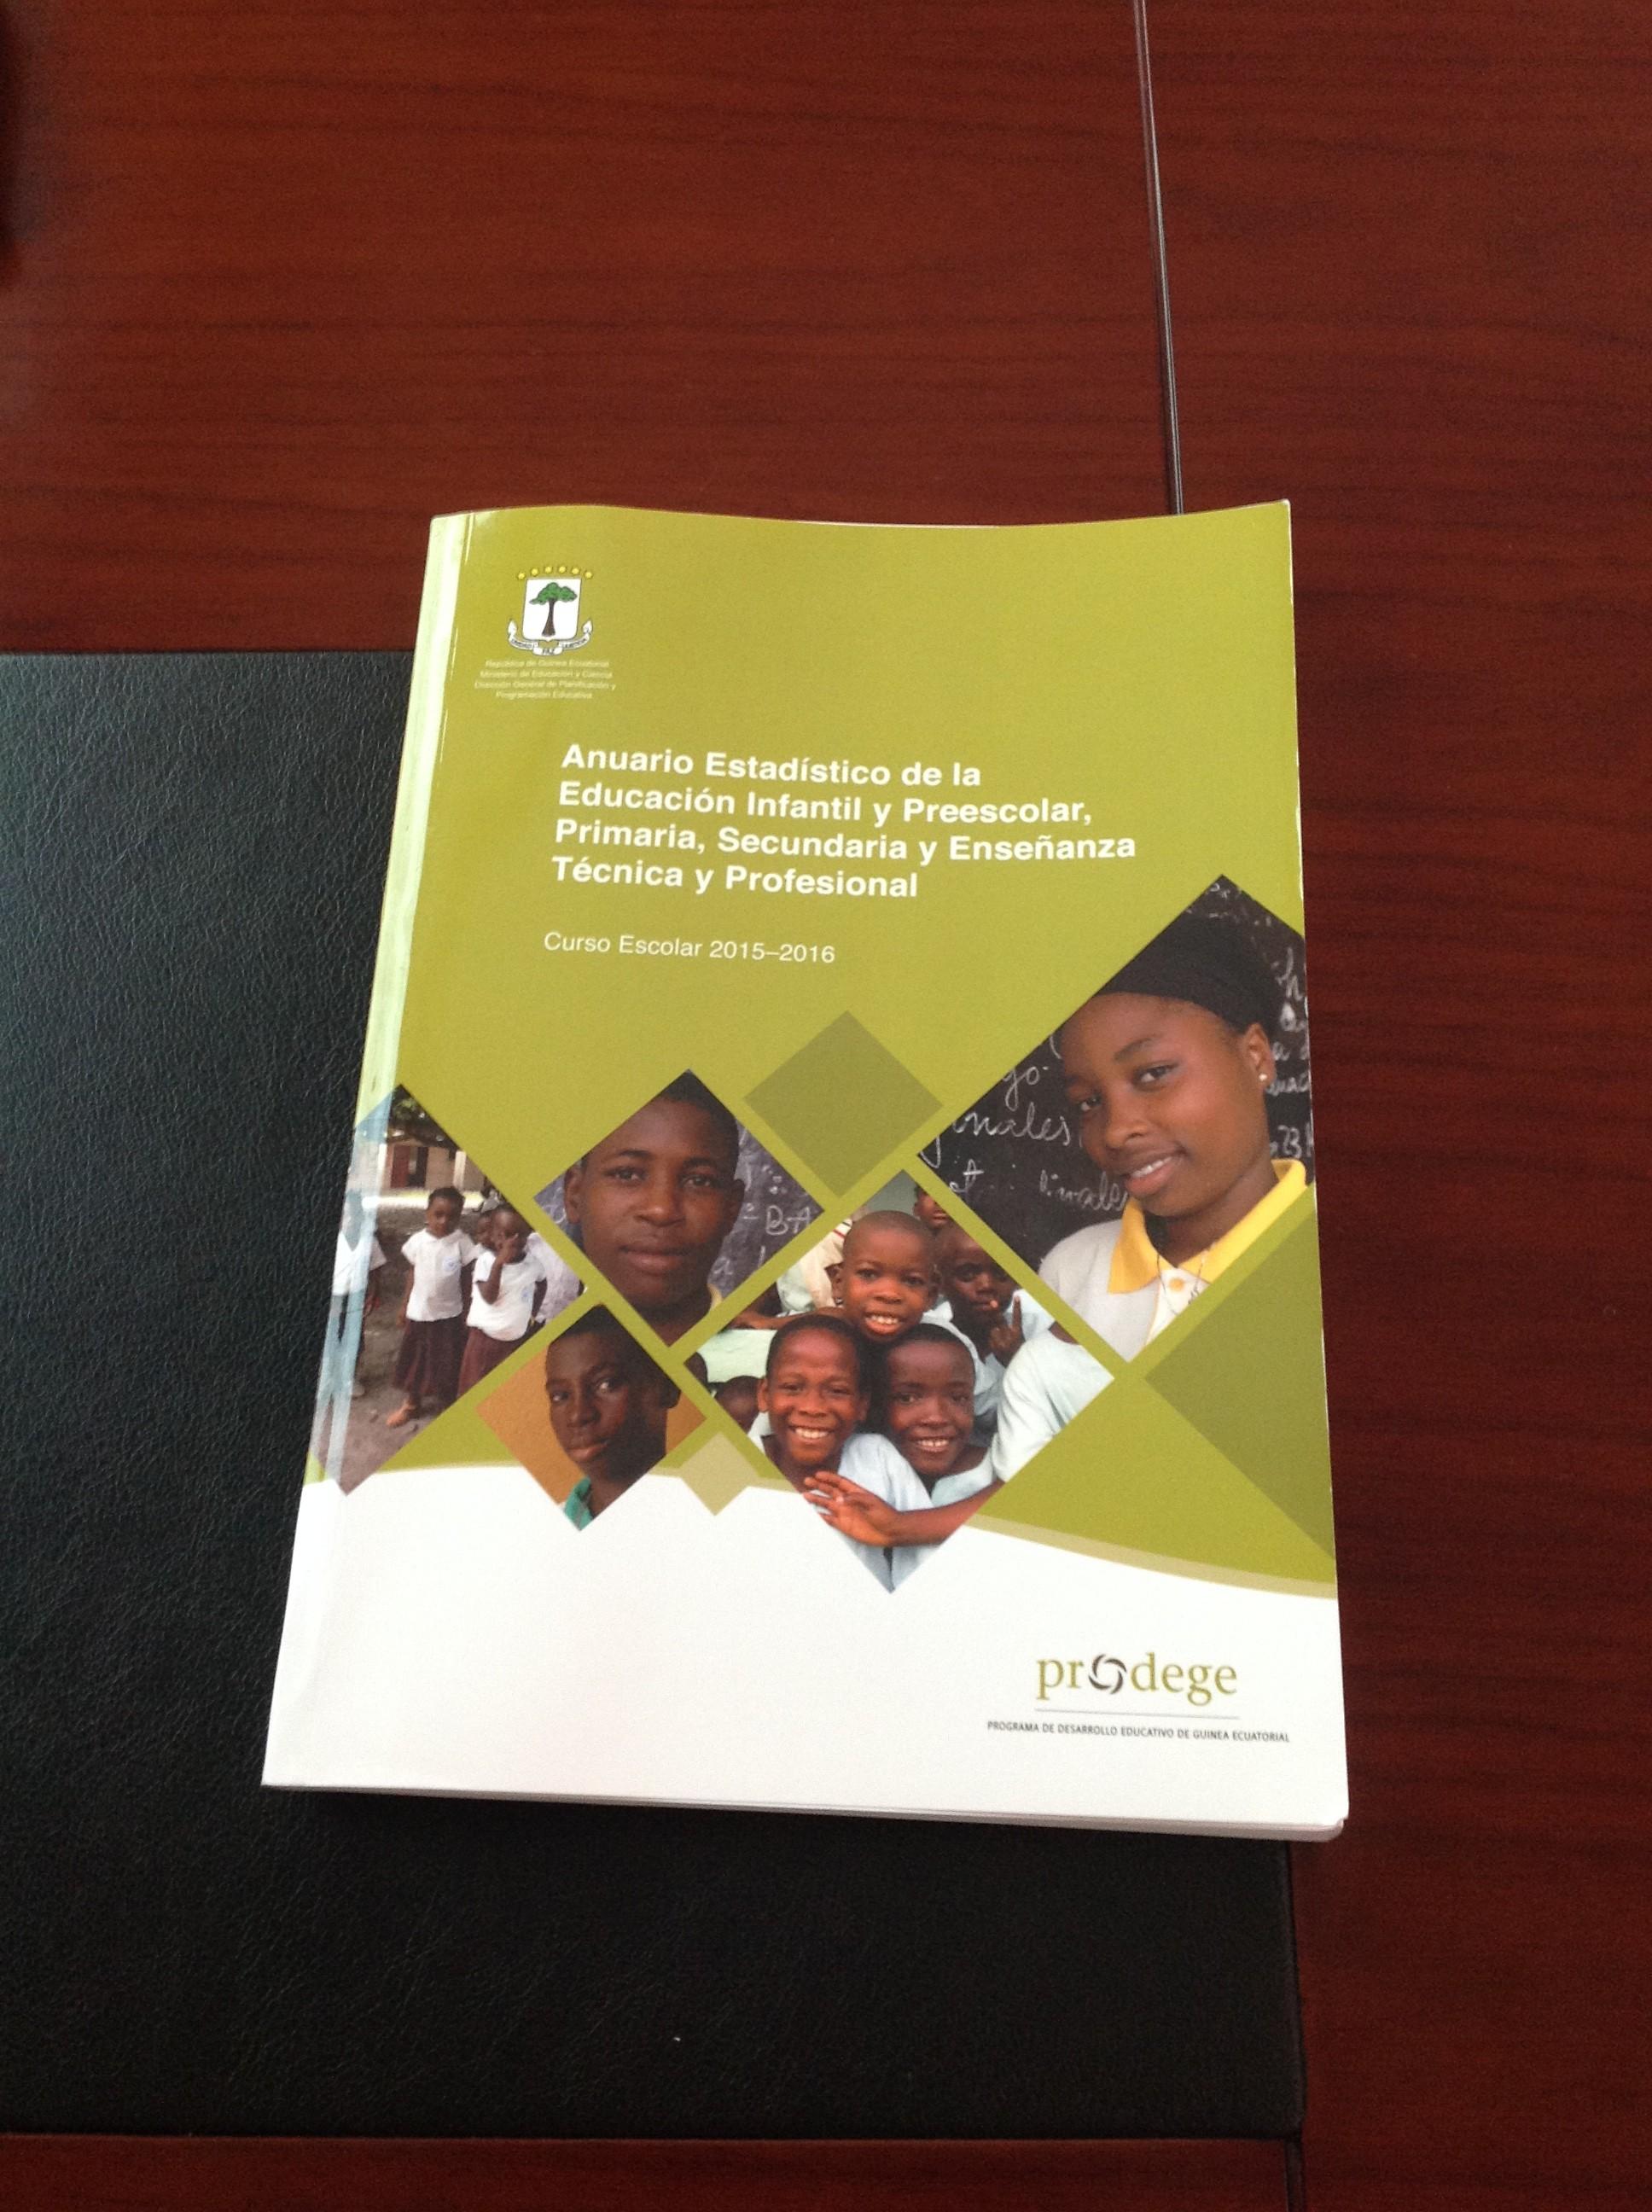 El Programa de Desarrollo Educativo de Guinea Ecuatorial (PRODEGE) presenta el anuario estadístico 2015 – 2016 al Ministerio de Educación y Ciencia.